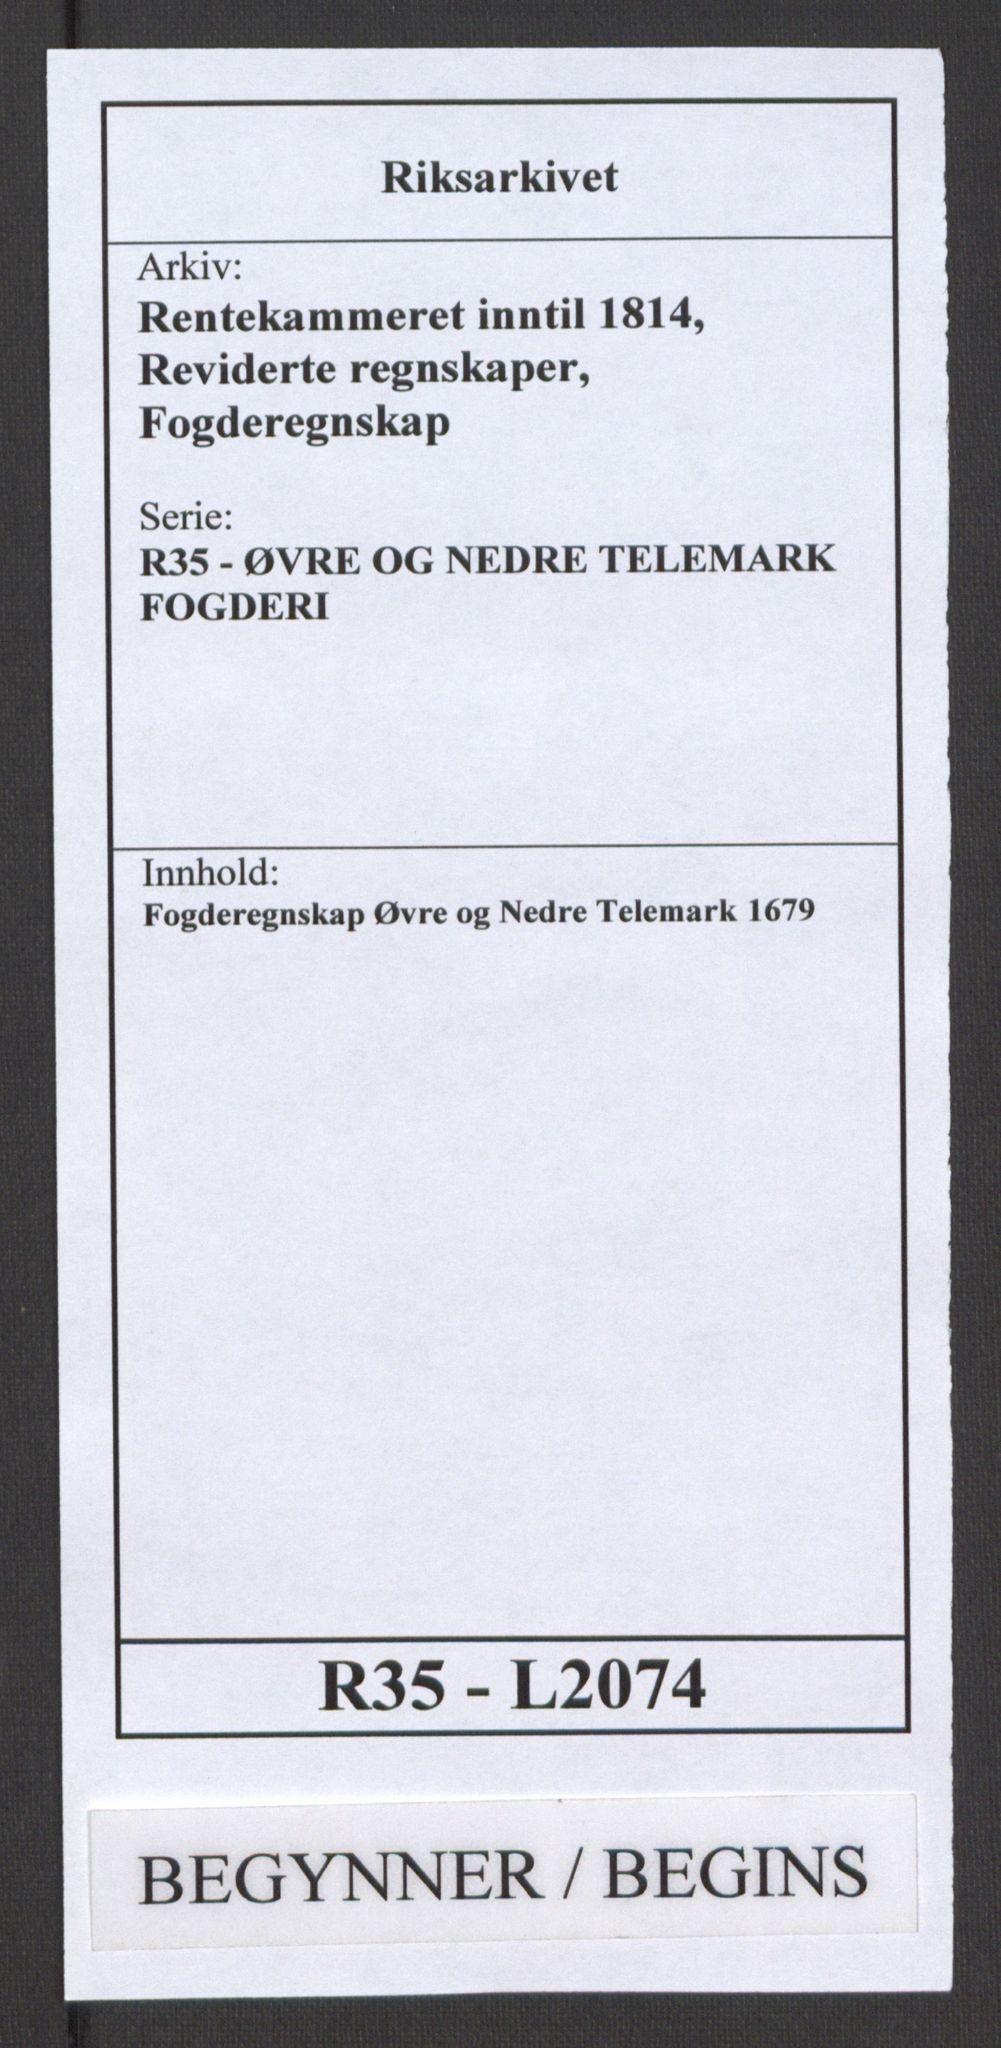 RA, Rentekammeret inntil 1814, Reviderte regnskaper, Fogderegnskap, R35/L2074: Fogderegnskap Øvre og Nedre Telemark, 1679, s. 1